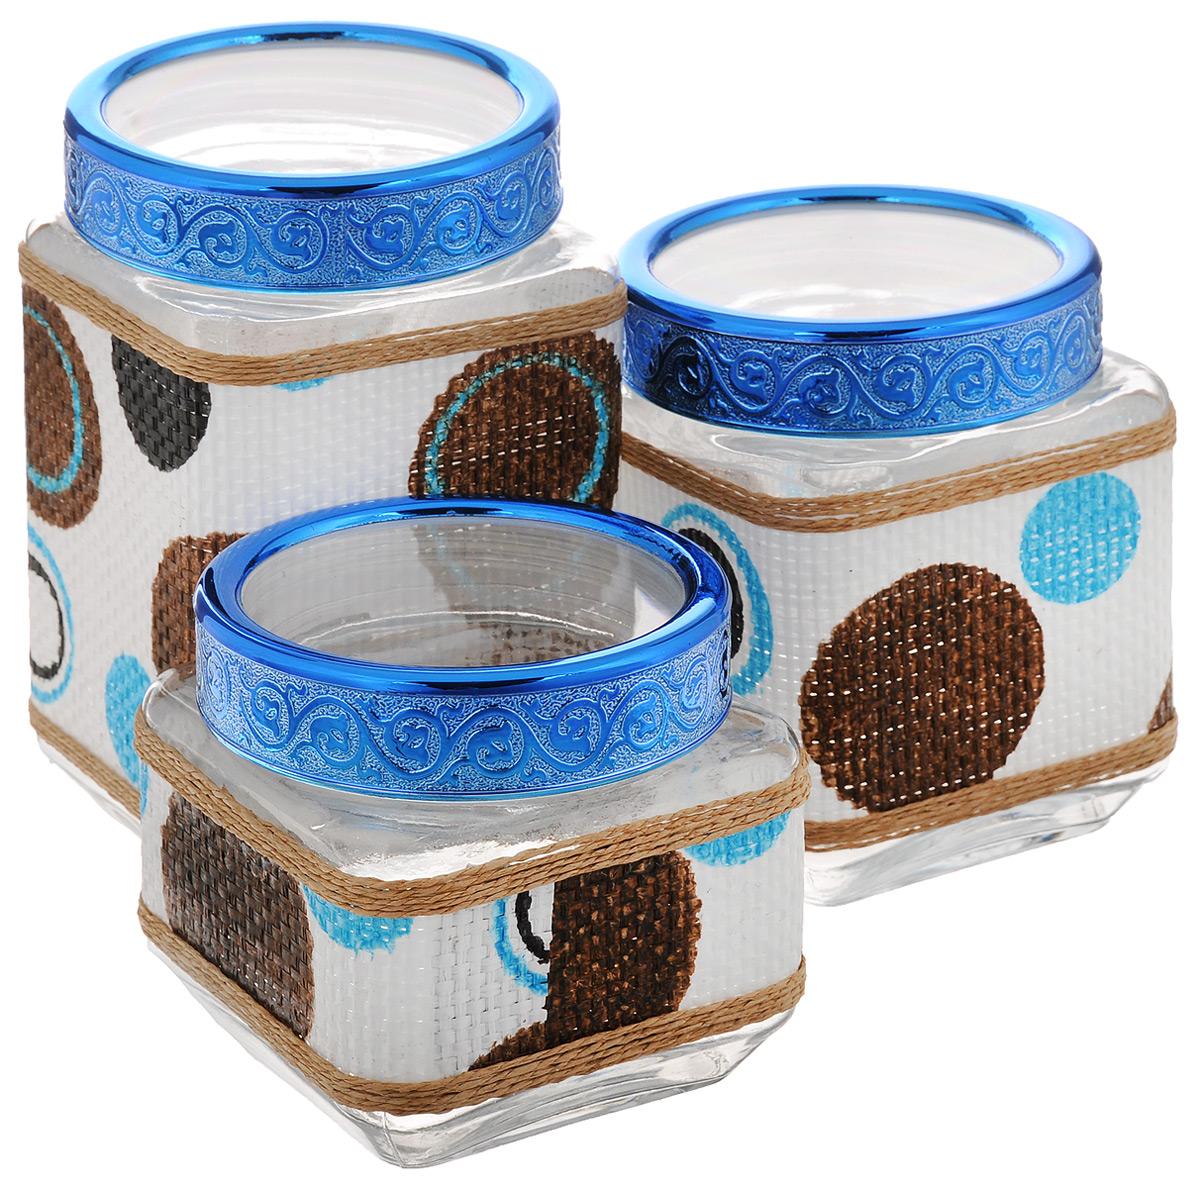 Набор банок для сыпучих продуктов Mayer & Boch, 3 шт. 25510FA-5125 WhiteНабор Mayer & Boch состоит из трех банок разного объема, предназначенных для хранения сыпучих продуктов. Банки выполнены из высококачественного стекла и декорированы оригинальными вставками из соломы. Крышки из АБС пластика декорированы изысканным рельефом. Банки прекрасно подходят для круп, орехов, сухофруктов, чая, кофе, сахара и других сыпучих продуктов. Герметичное закрытие позволяет сохранить продукты свежими. Оригинальный необычный дизайн стильно дополнит интерьер кухни. Такой набор станет желанным подарком для любой хозяйки. Объем банок: 770 мл, 1,15 л, 1,6 л. Размер банок (без учета крышек): 11 х 11 х 11 см; 11 х 11 х 14,2 см; 11 х 11 х 18,3 см.